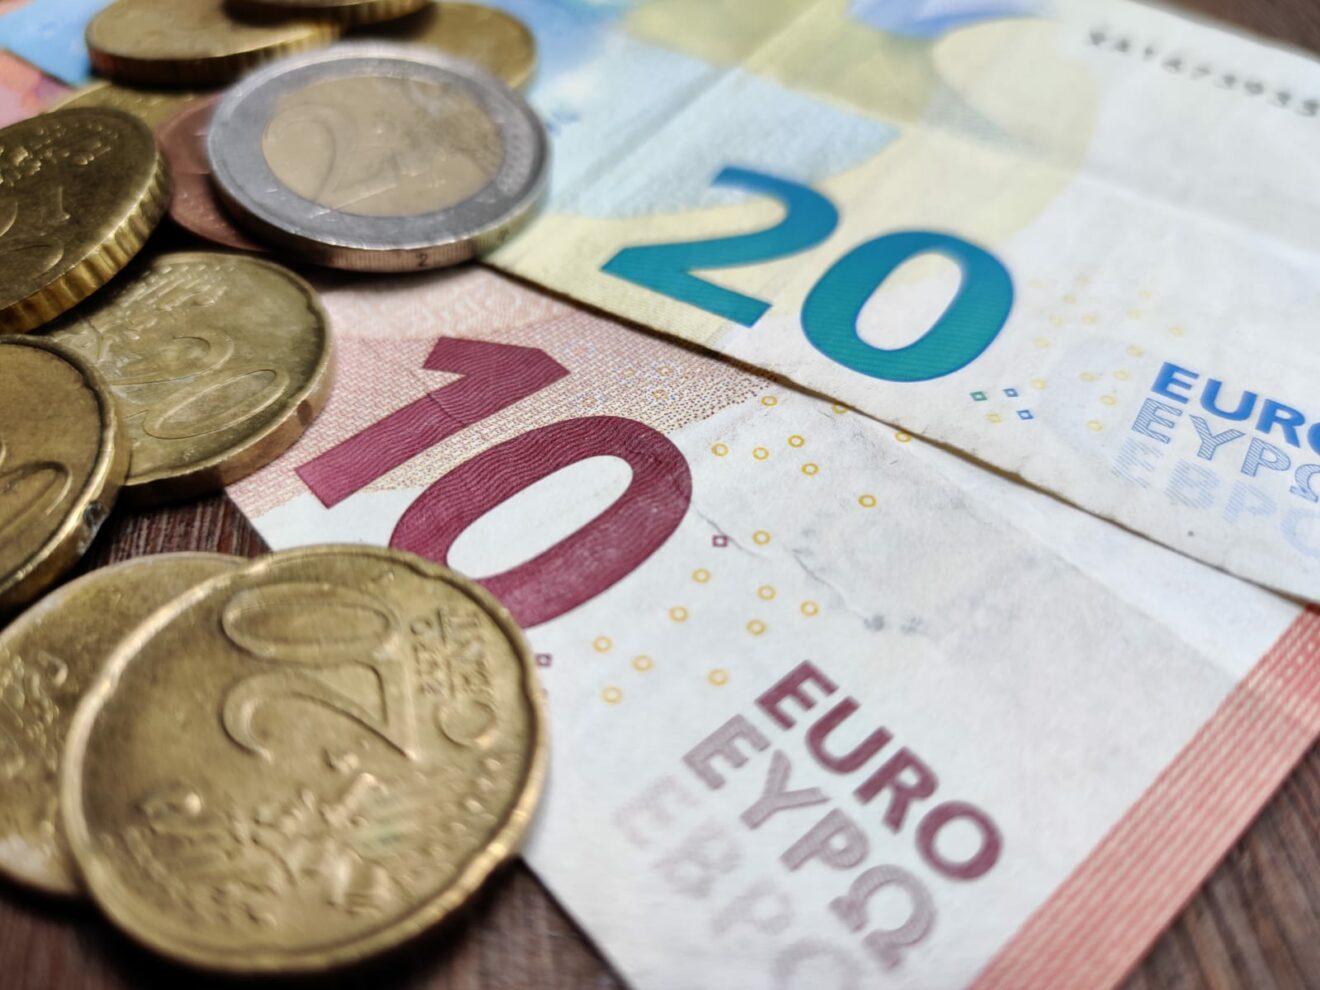 173 Hillegomse bedrijven kregen noodsteun: Van 720 tot 2 miljoen euro